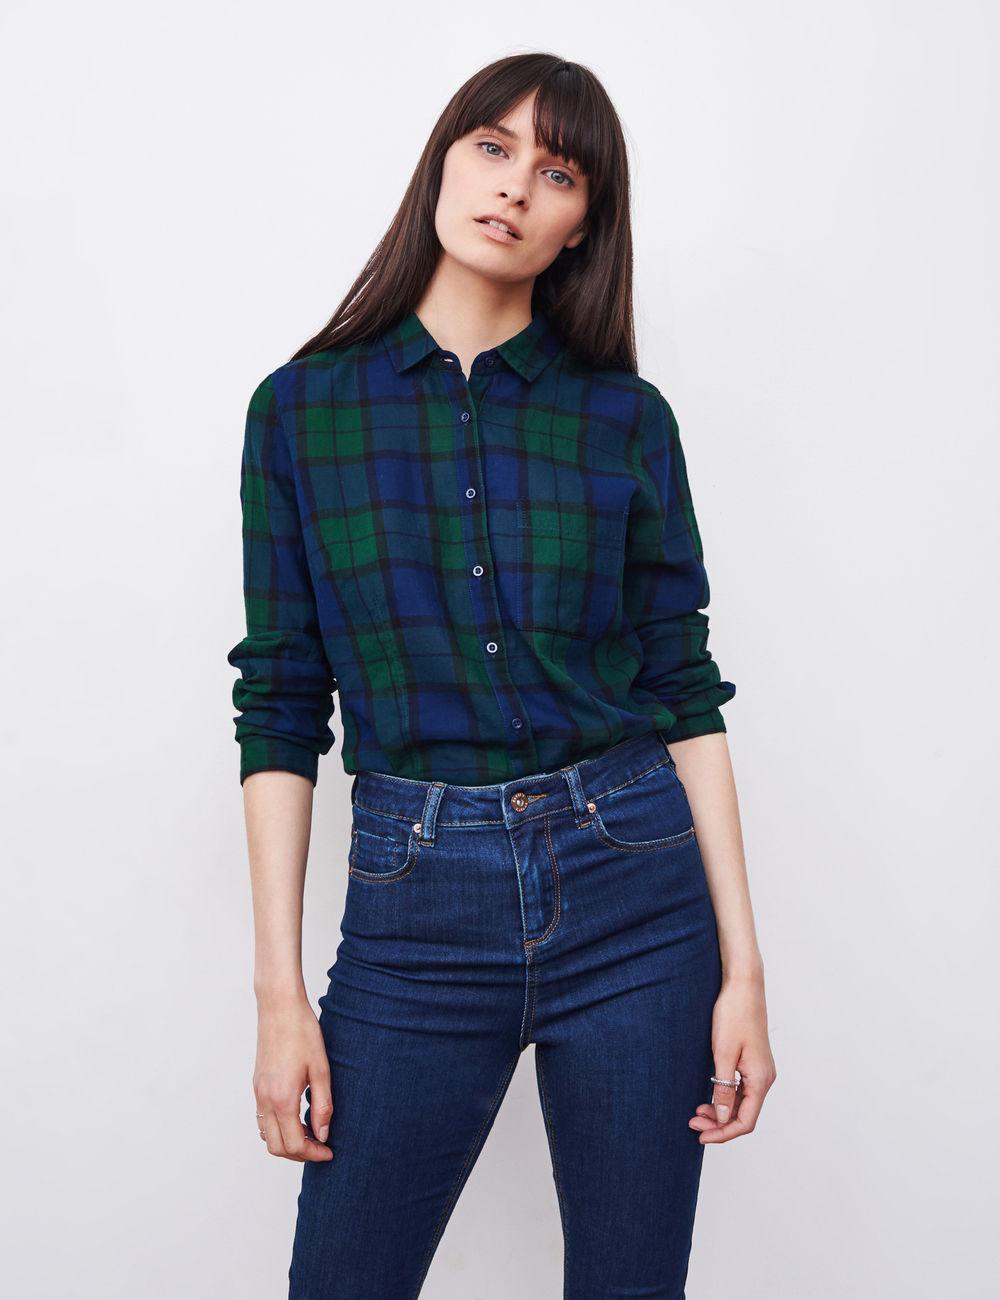 Je veux trouver une belle chemise femme et agréable à porter pas cher ICI  Chemise 0 carreaux femme 6f574c2c2337